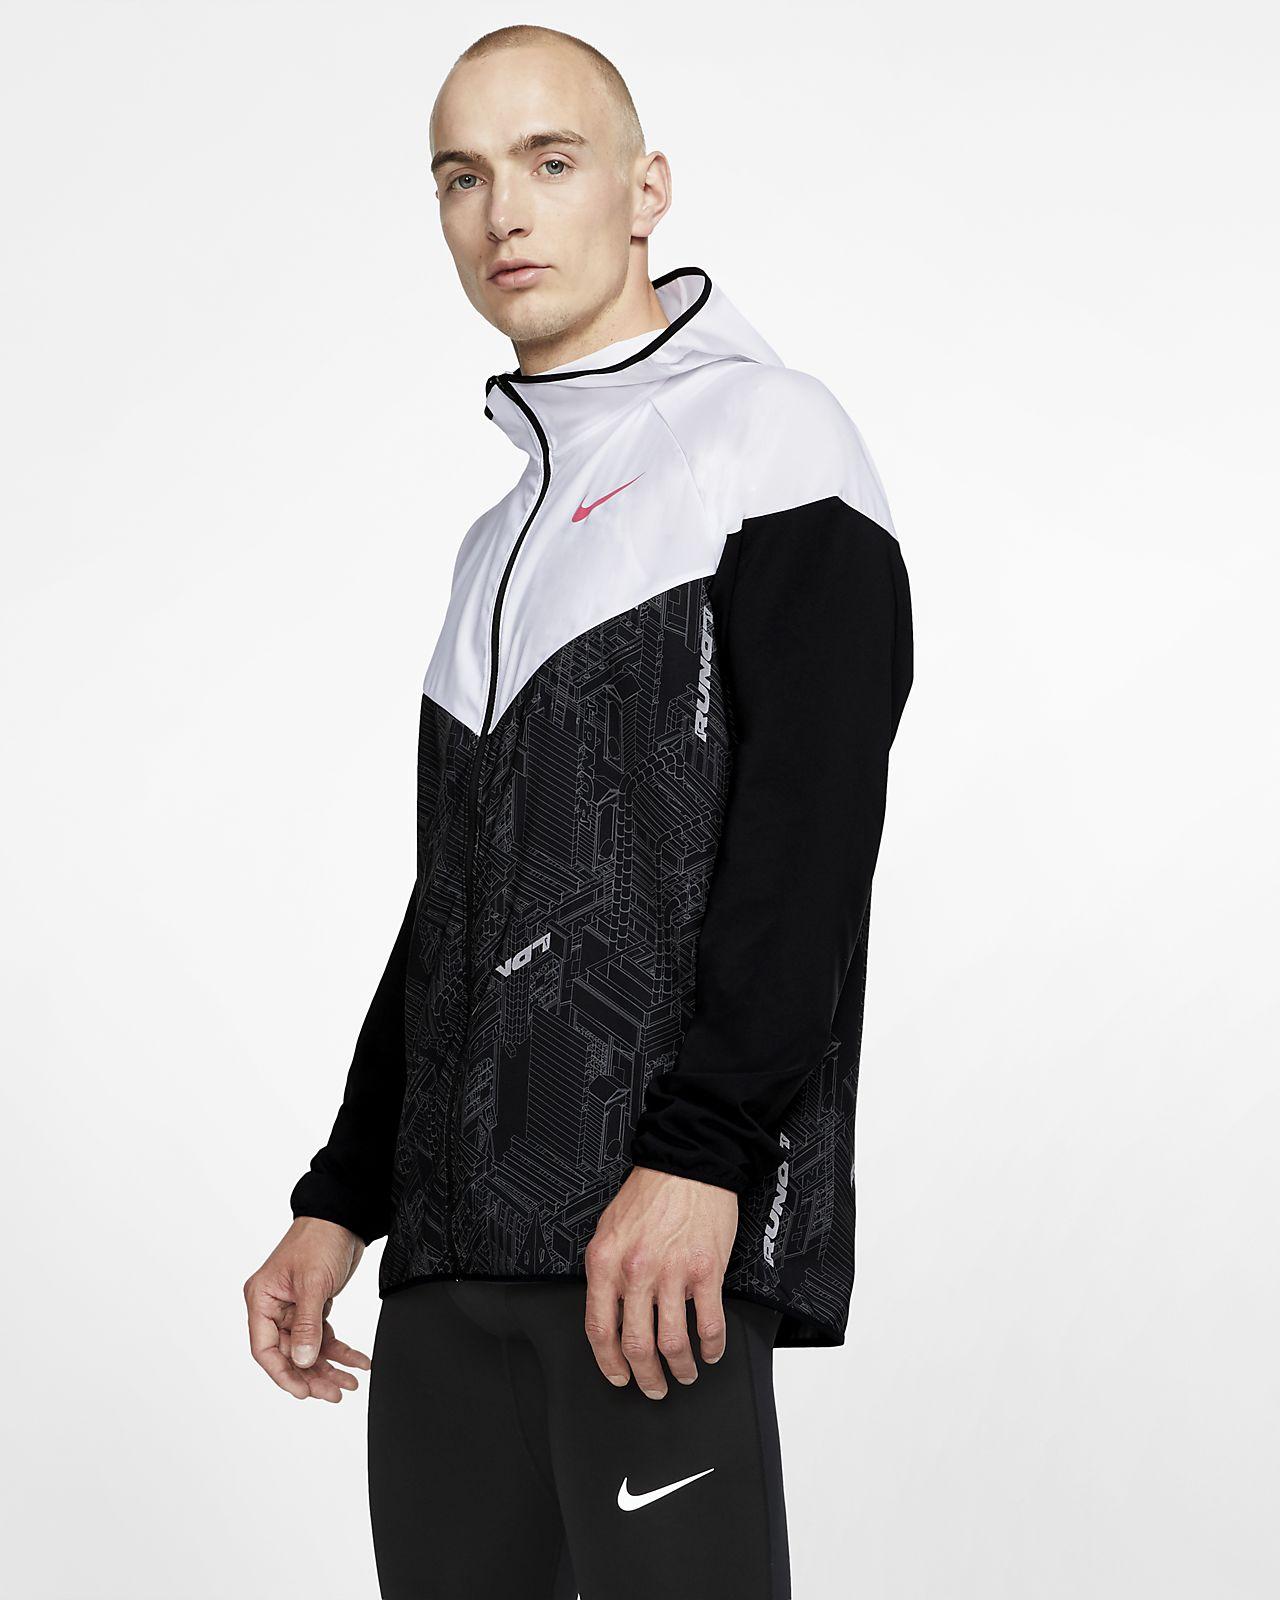 Nike Windrunner (London) Camiseta de running - Unisex